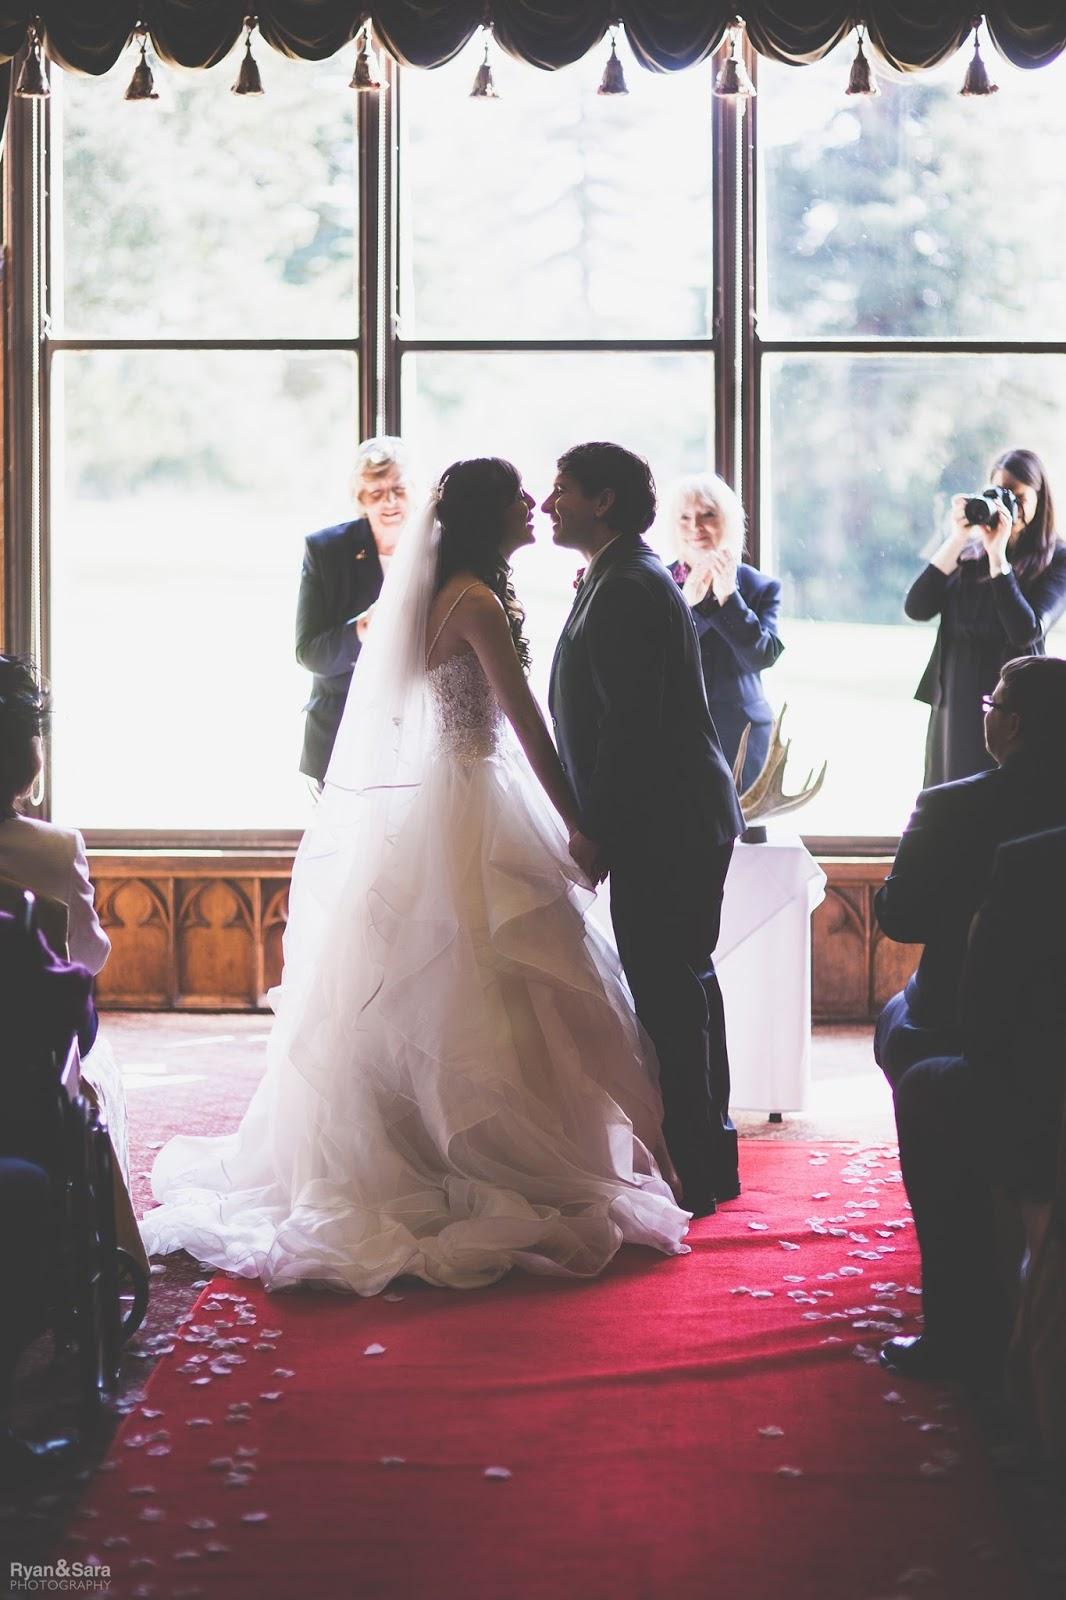 saying I do, kiss the bride, wedding